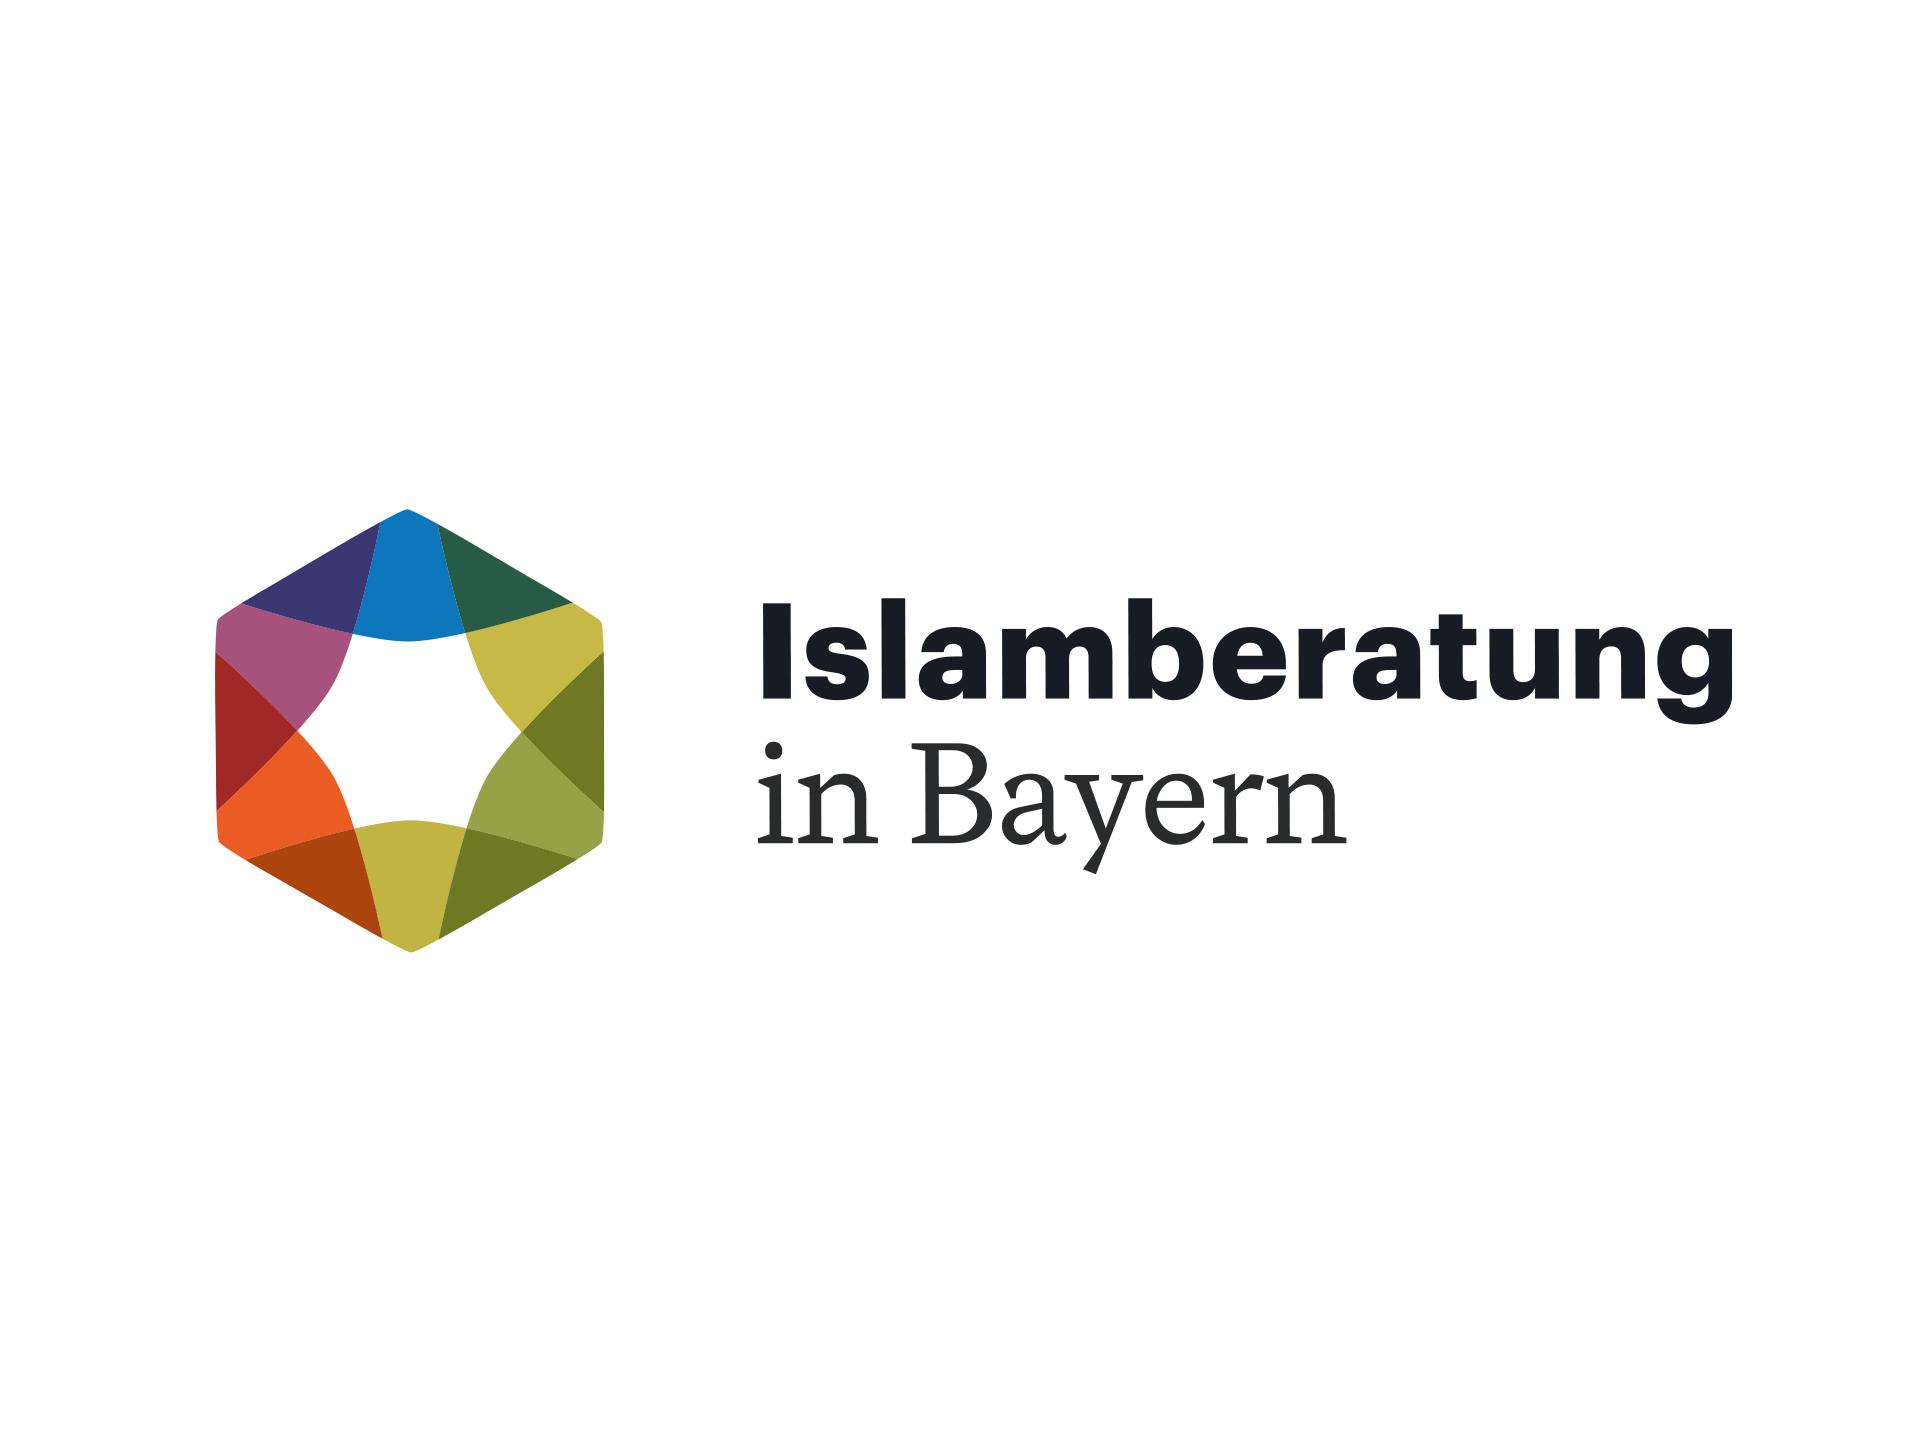 Markenentwicklung und Coporate Design für die Islamberatung in Bayern von der Designagentur das formt aus München